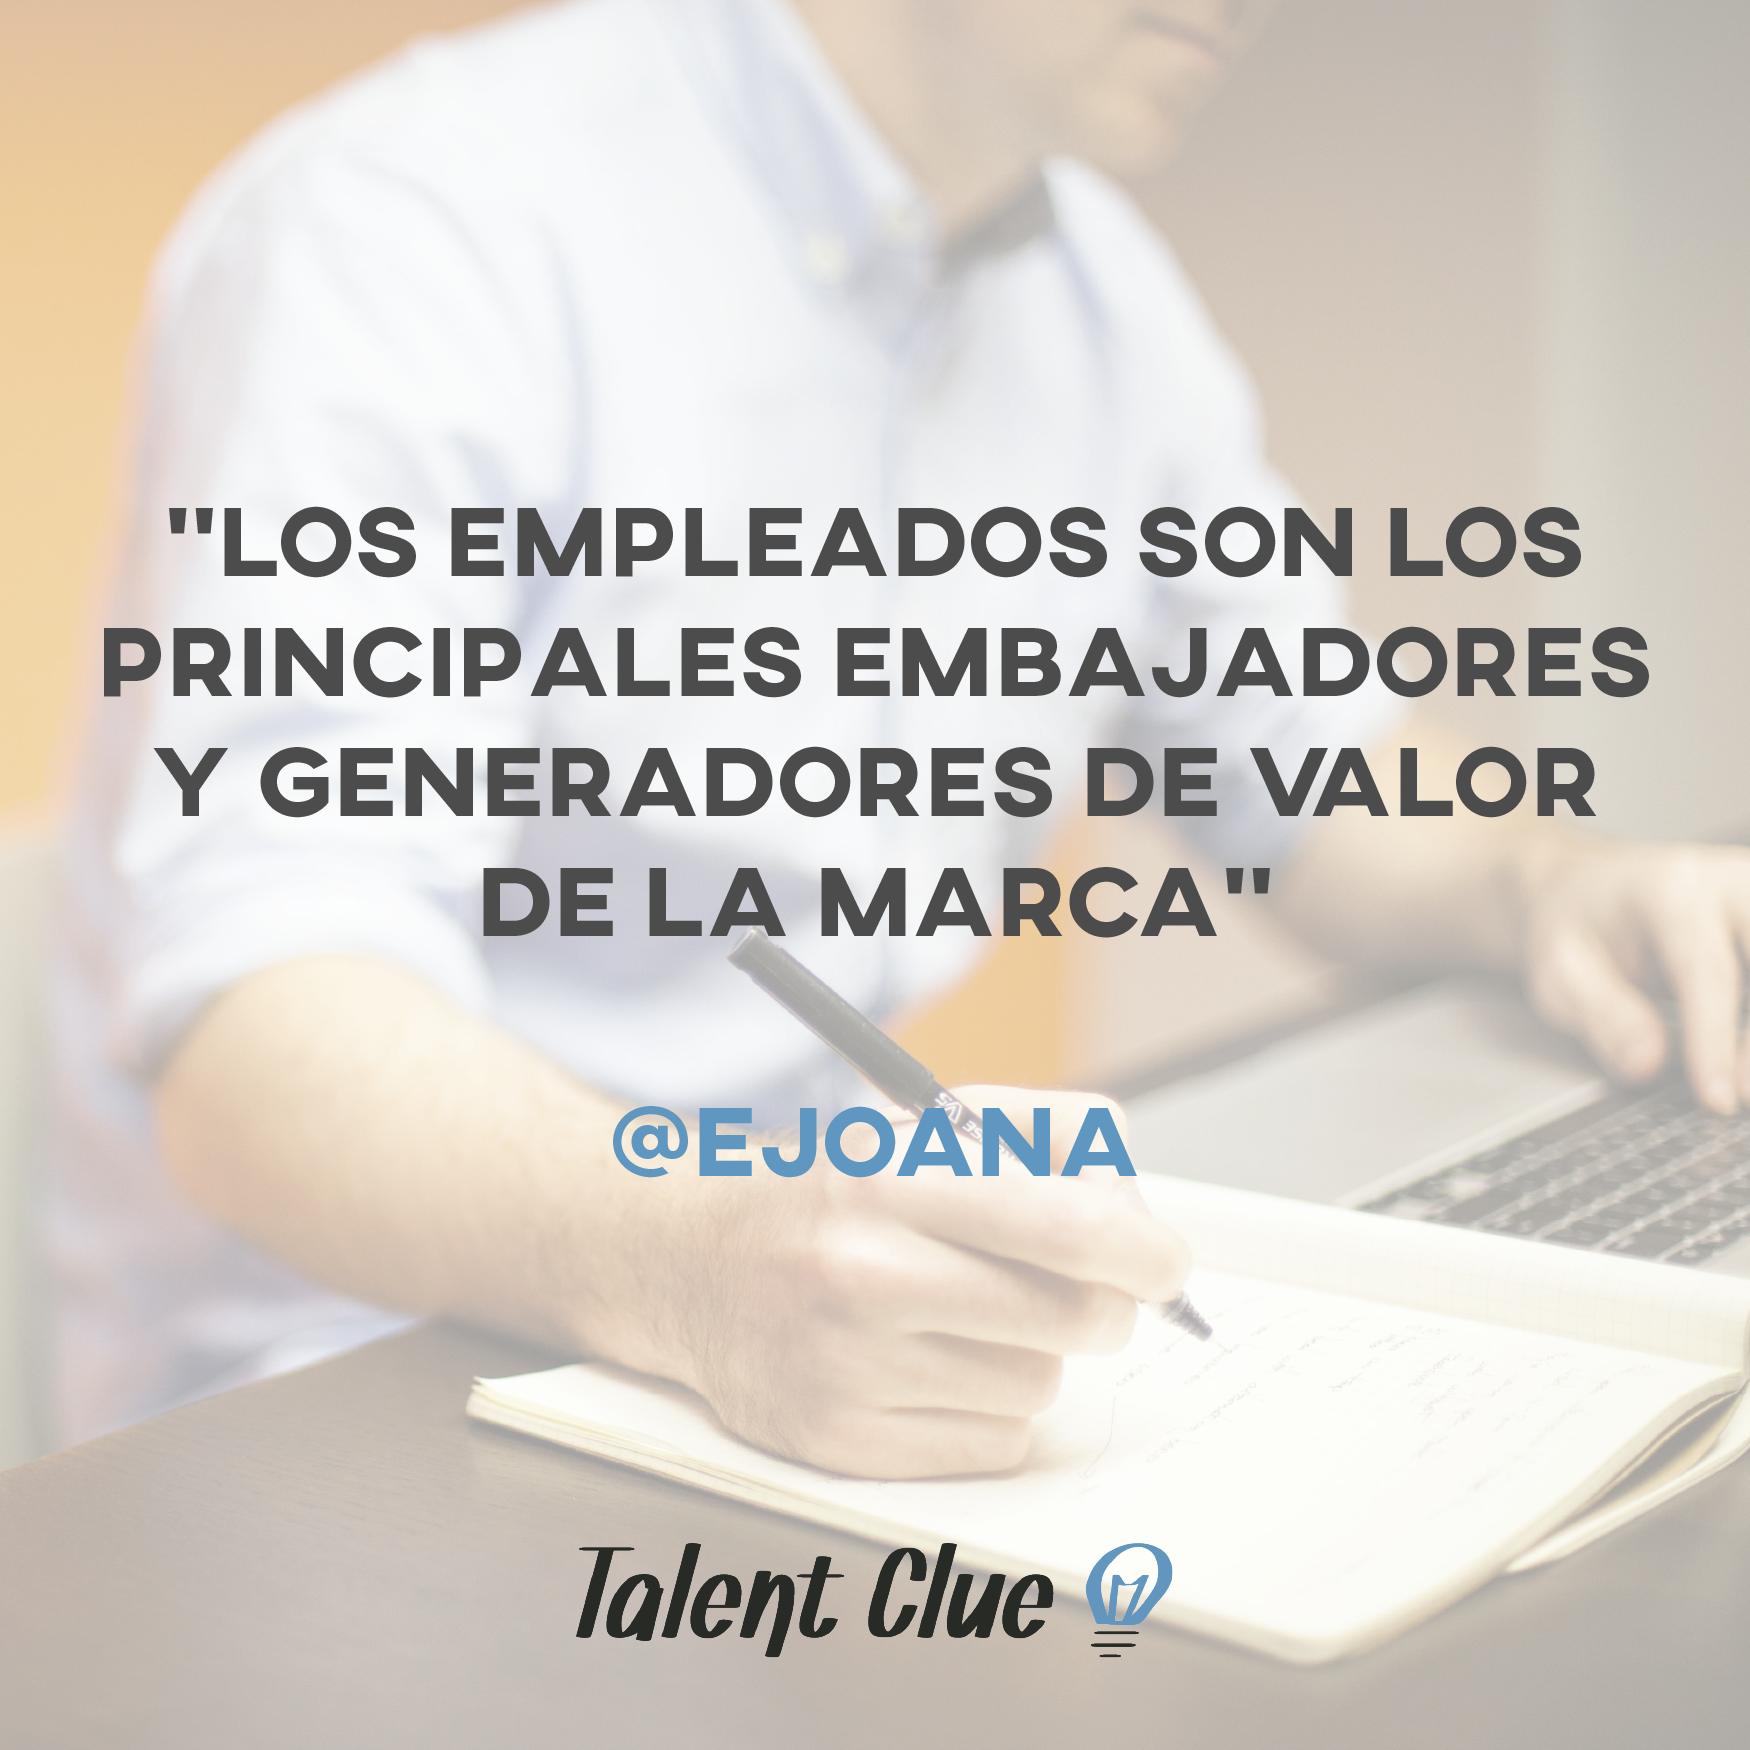 Los empleados son los principales embajadores y generadores de valor de la marca